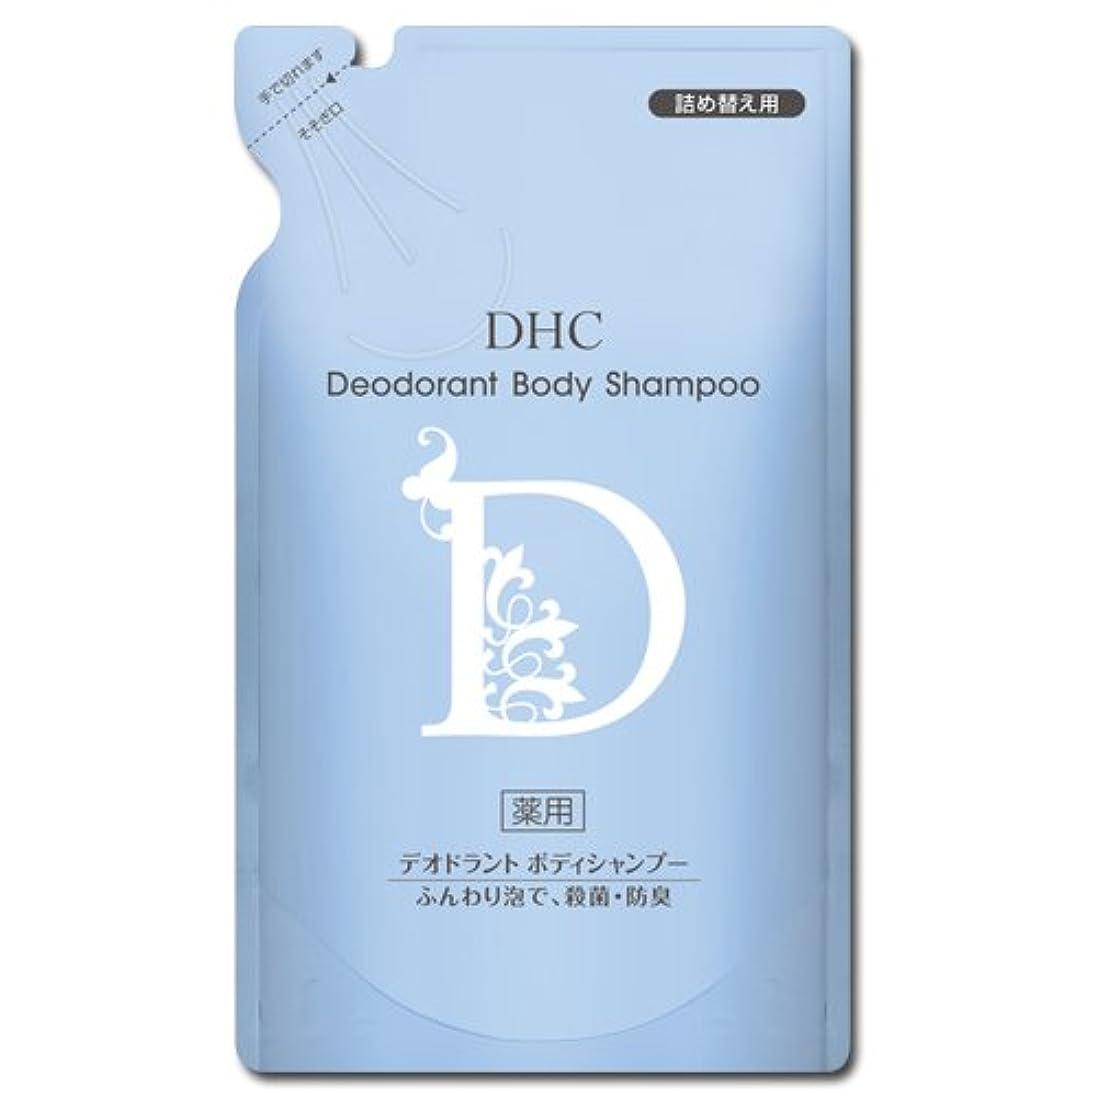 適度にシャープビリー【医薬部外品】DHC薬用デオドラント ボディシャンプー 詰め替え用